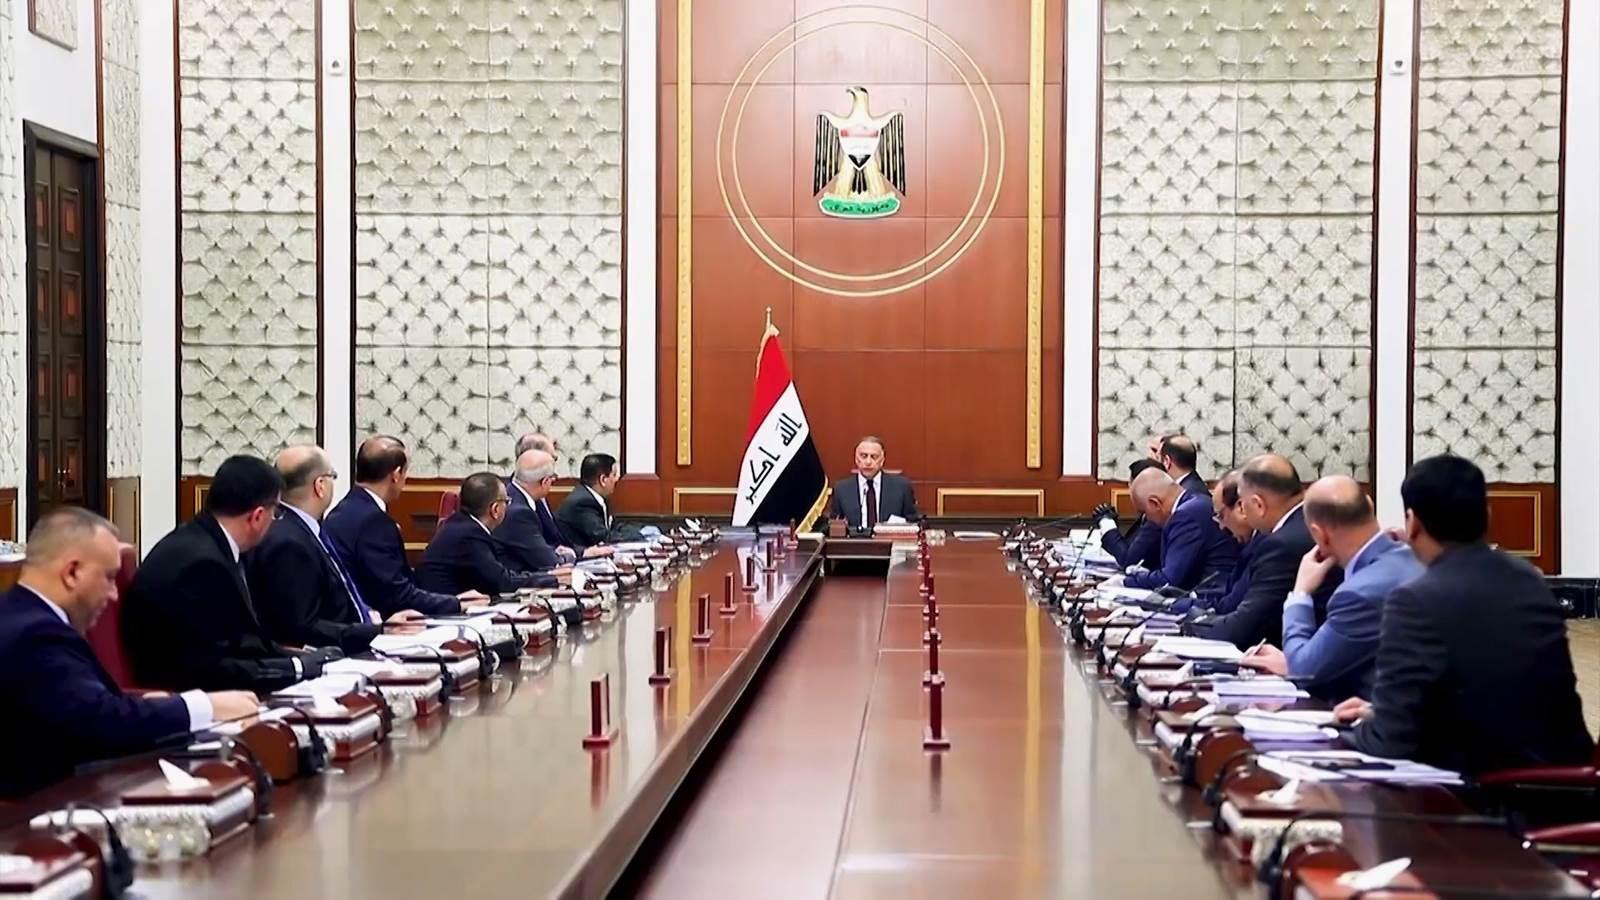 الحكومة العراقية ستلجأ ضمن إطار القانون لتثبيت حق العراق في رفض الاعتداءات التركية